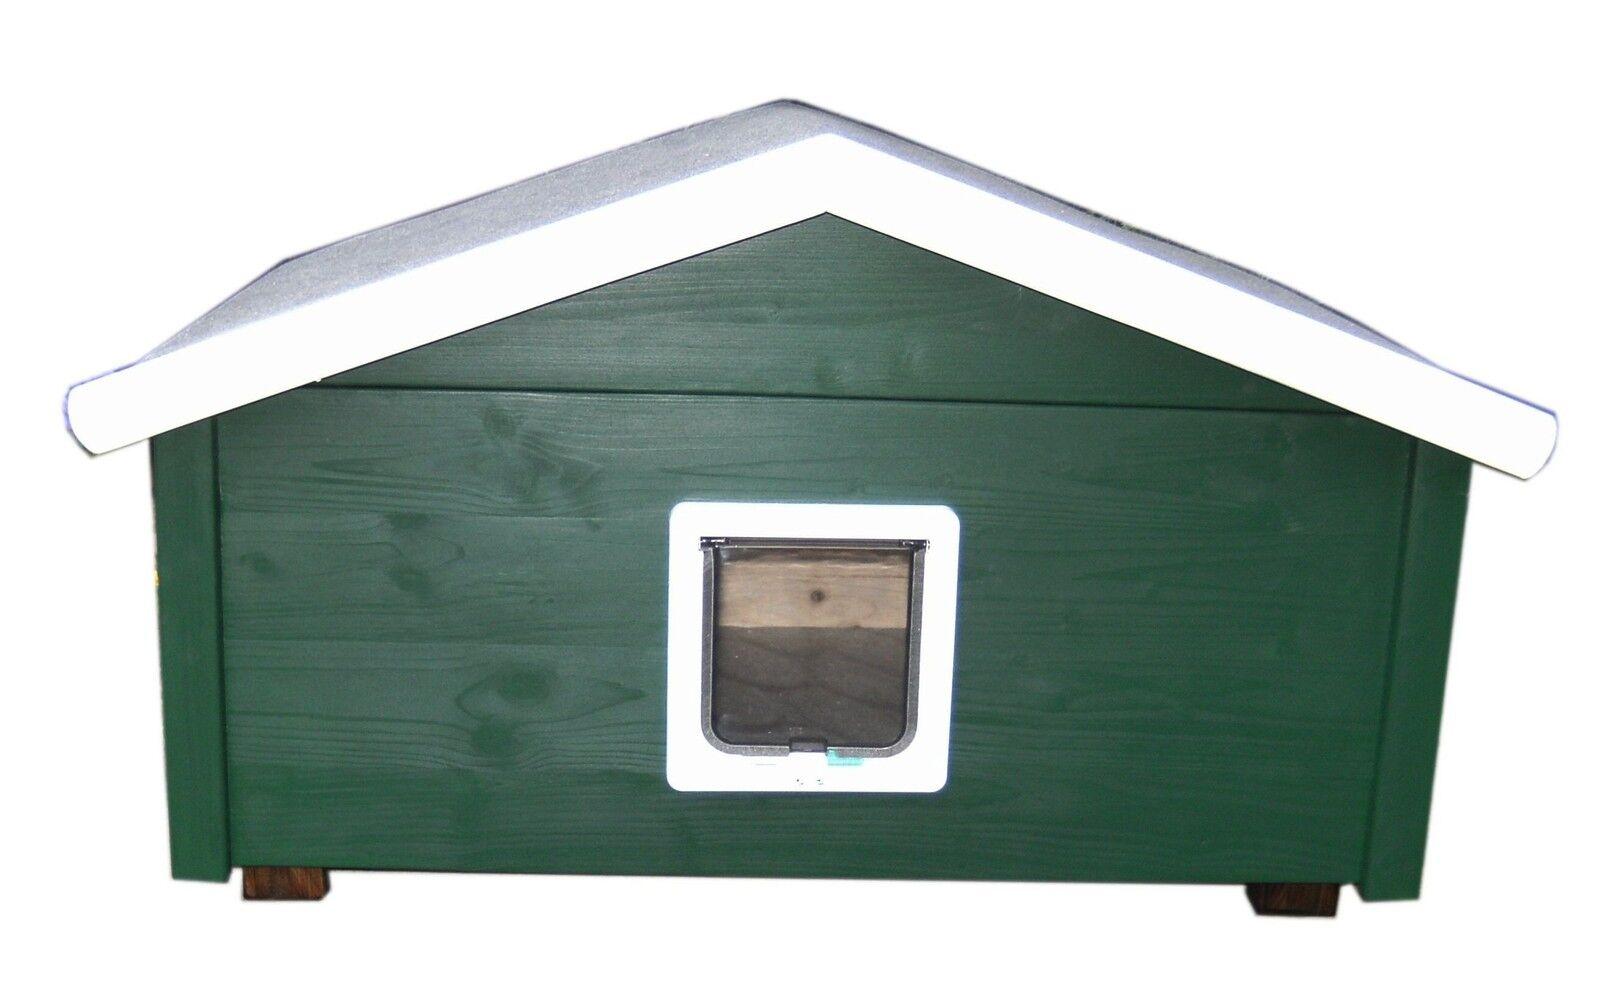 edizione limitata Outdoor gatti casa resistente alle intemperie Landhaus con sportello per per per gatti-ts2-l  acquisto limitato